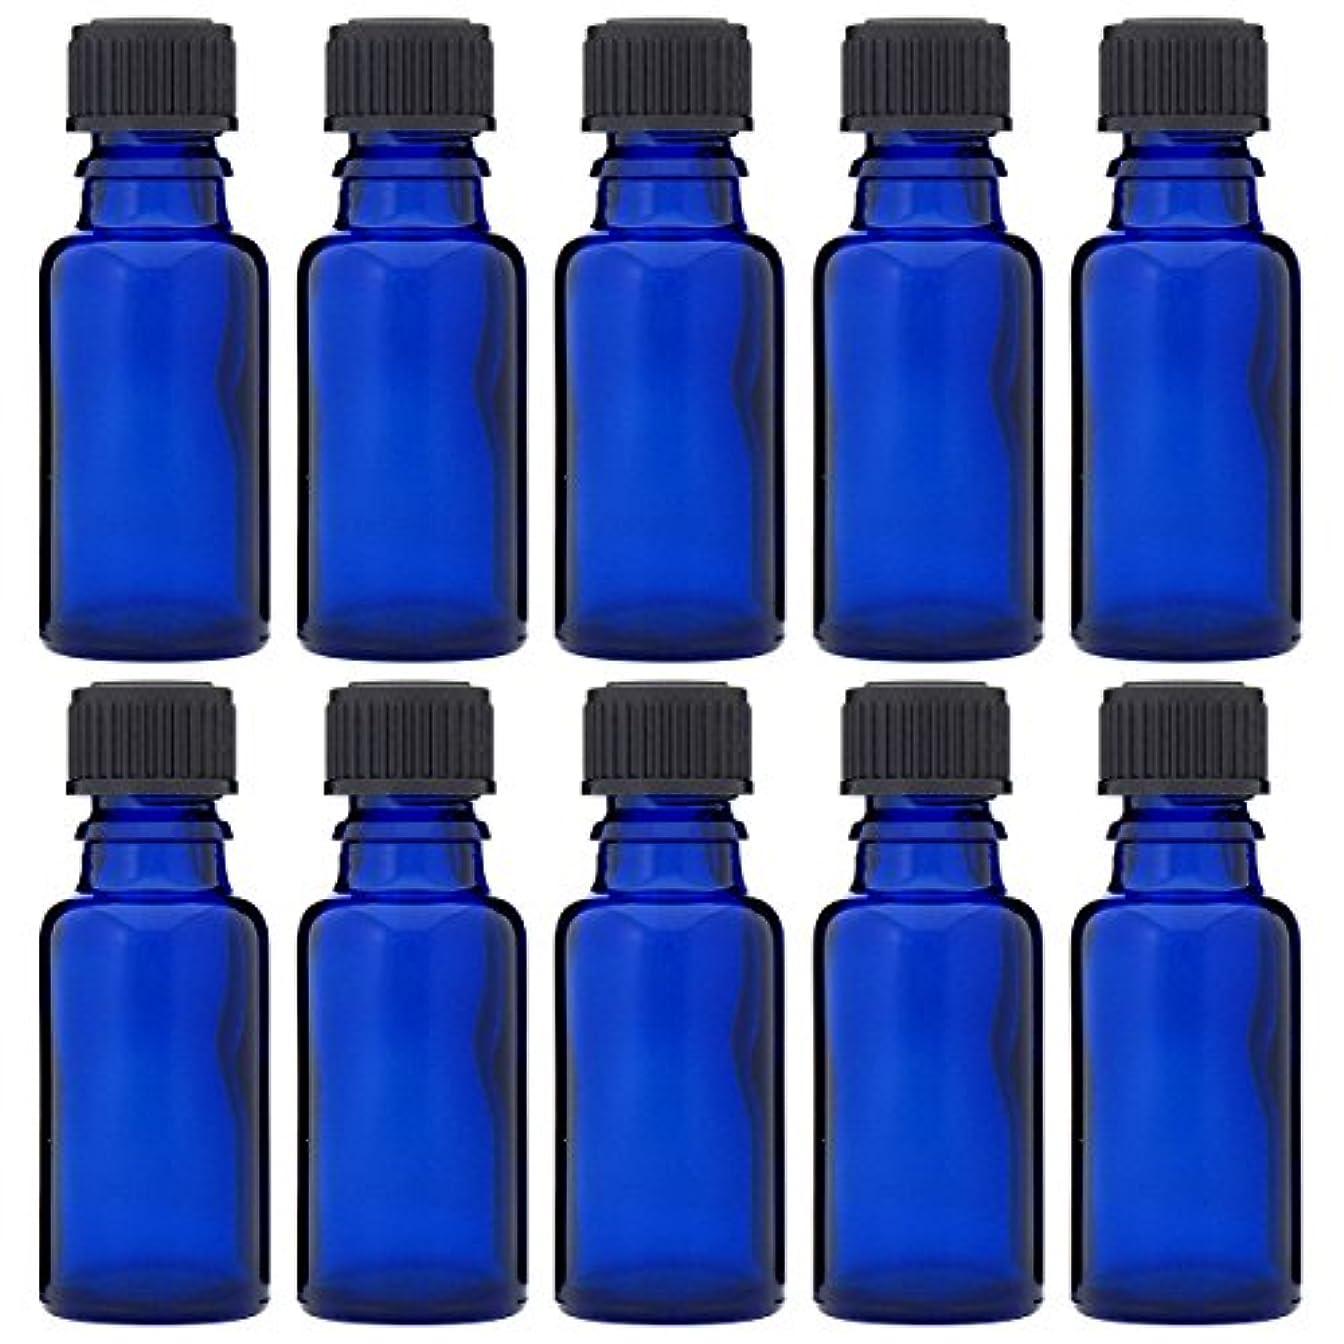 コンチネンタルブレンド塩辛い青色遮光ビン 30ml (ドロッパー付) 10本セット